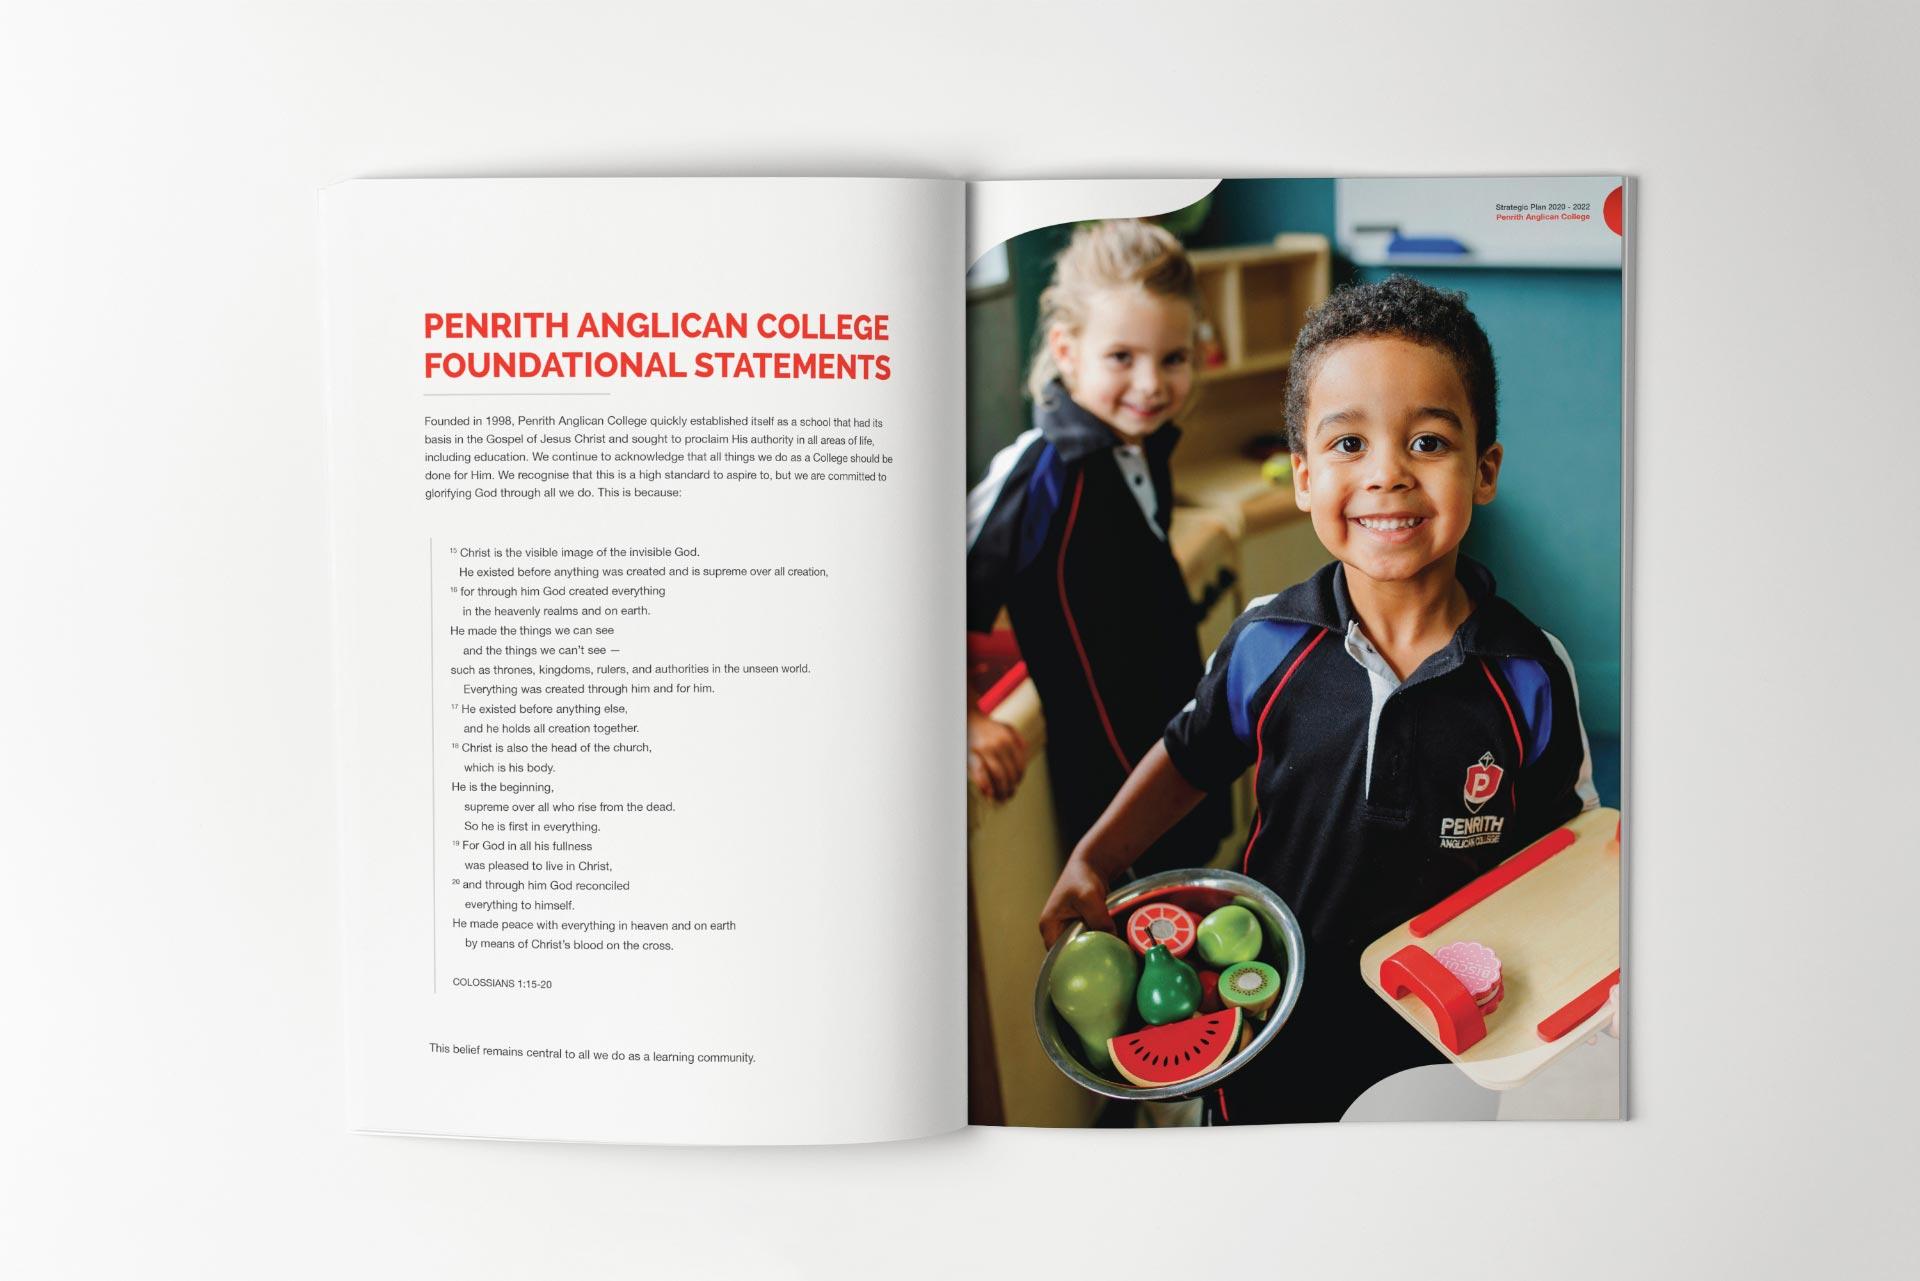 Penrith Anglican College annual report